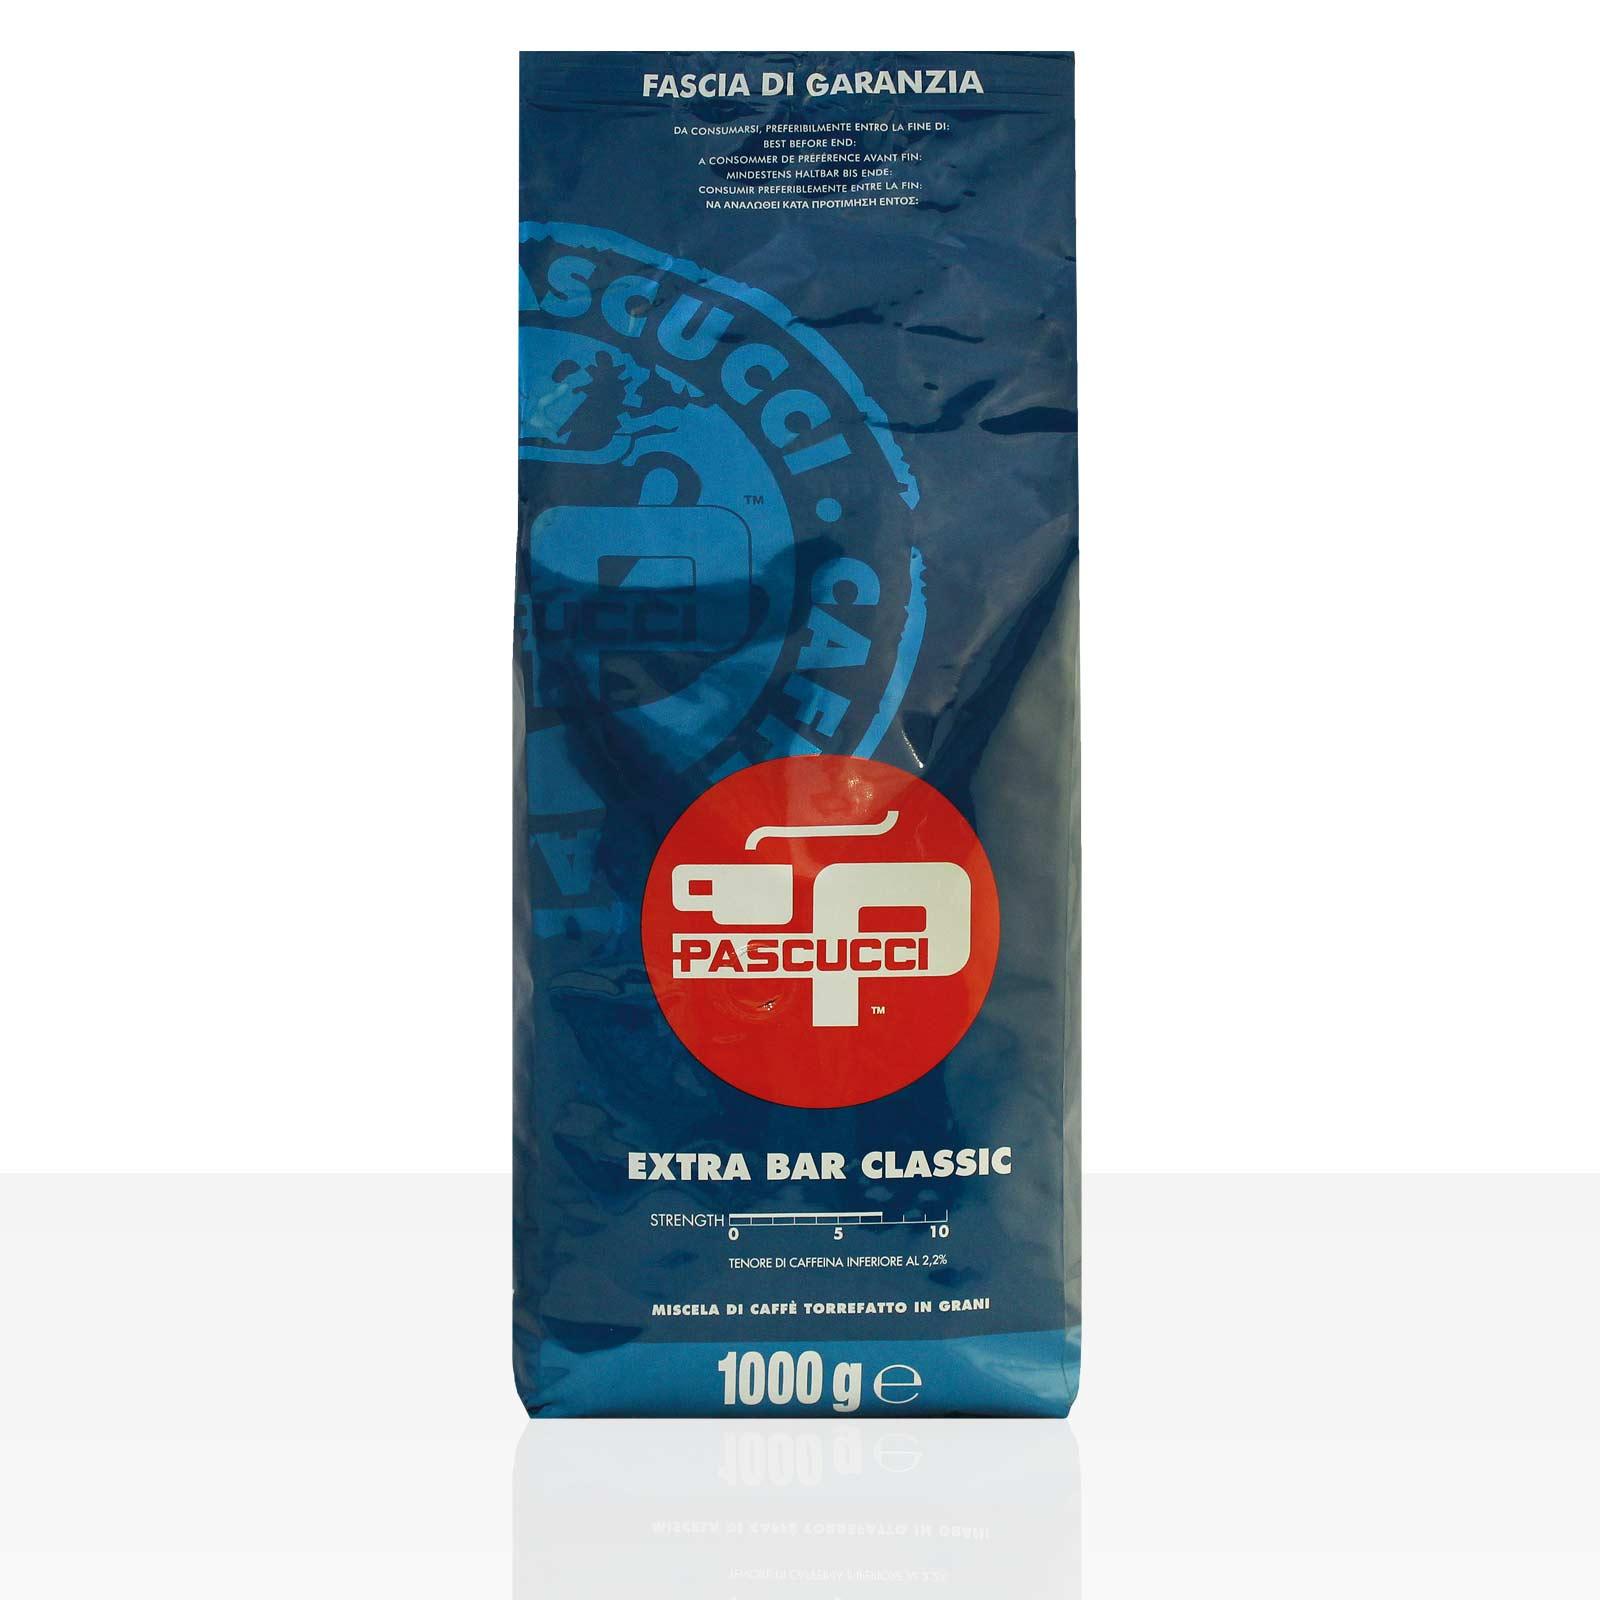 PASCUCCI Extra Bar Classic Espresso 8 x 1kg Kaffee ganze Bohne